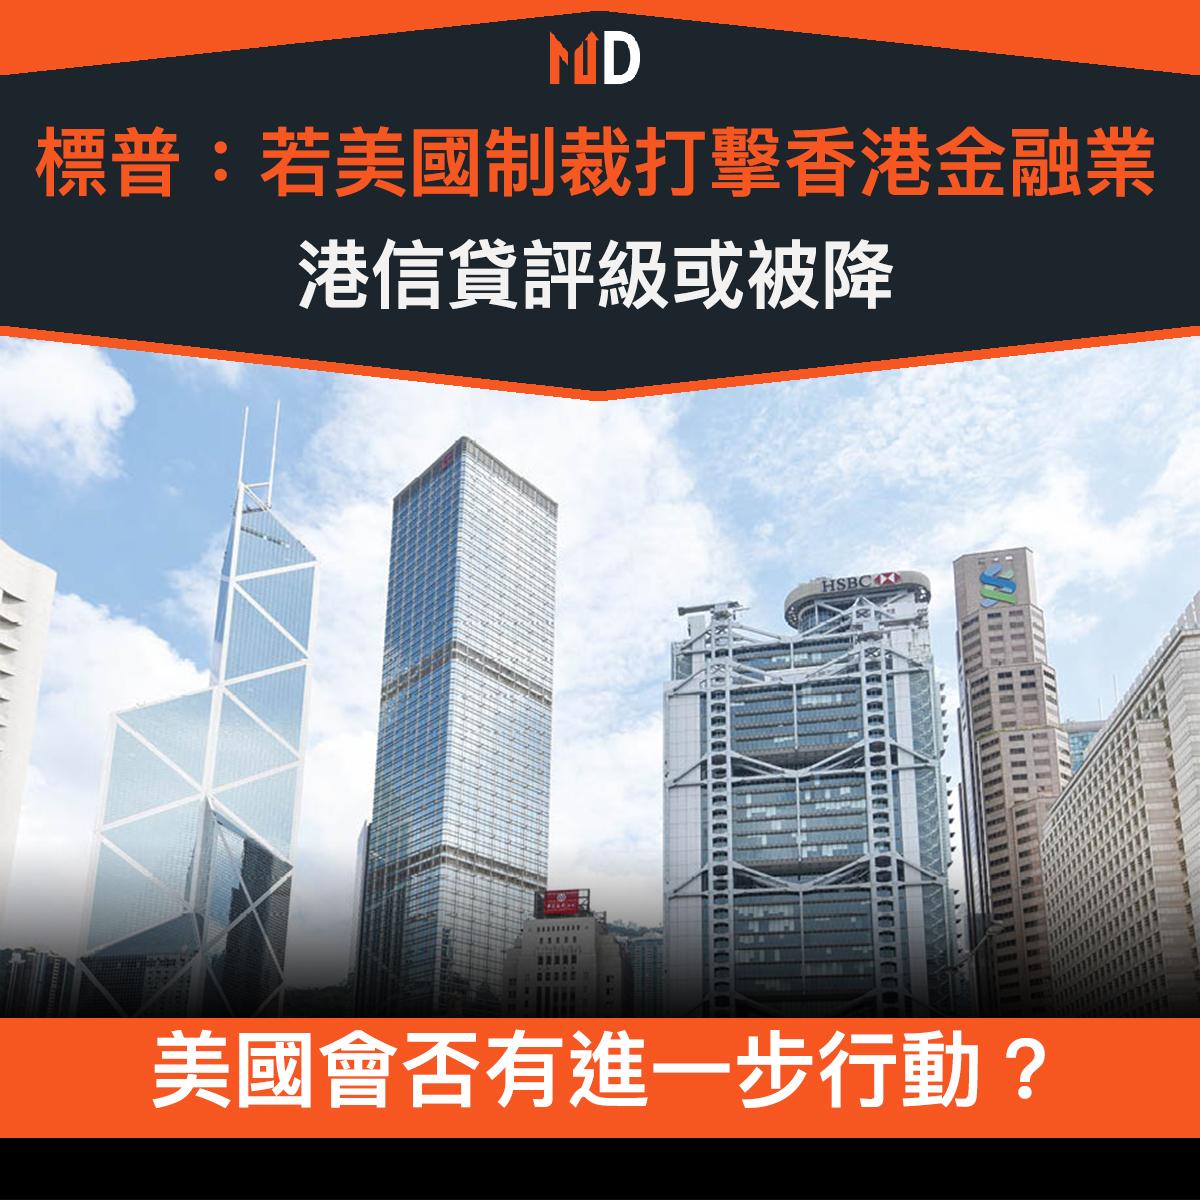 【市場熱話】標普:若美國制裁打擊香港金融業,港信貸評級或被降